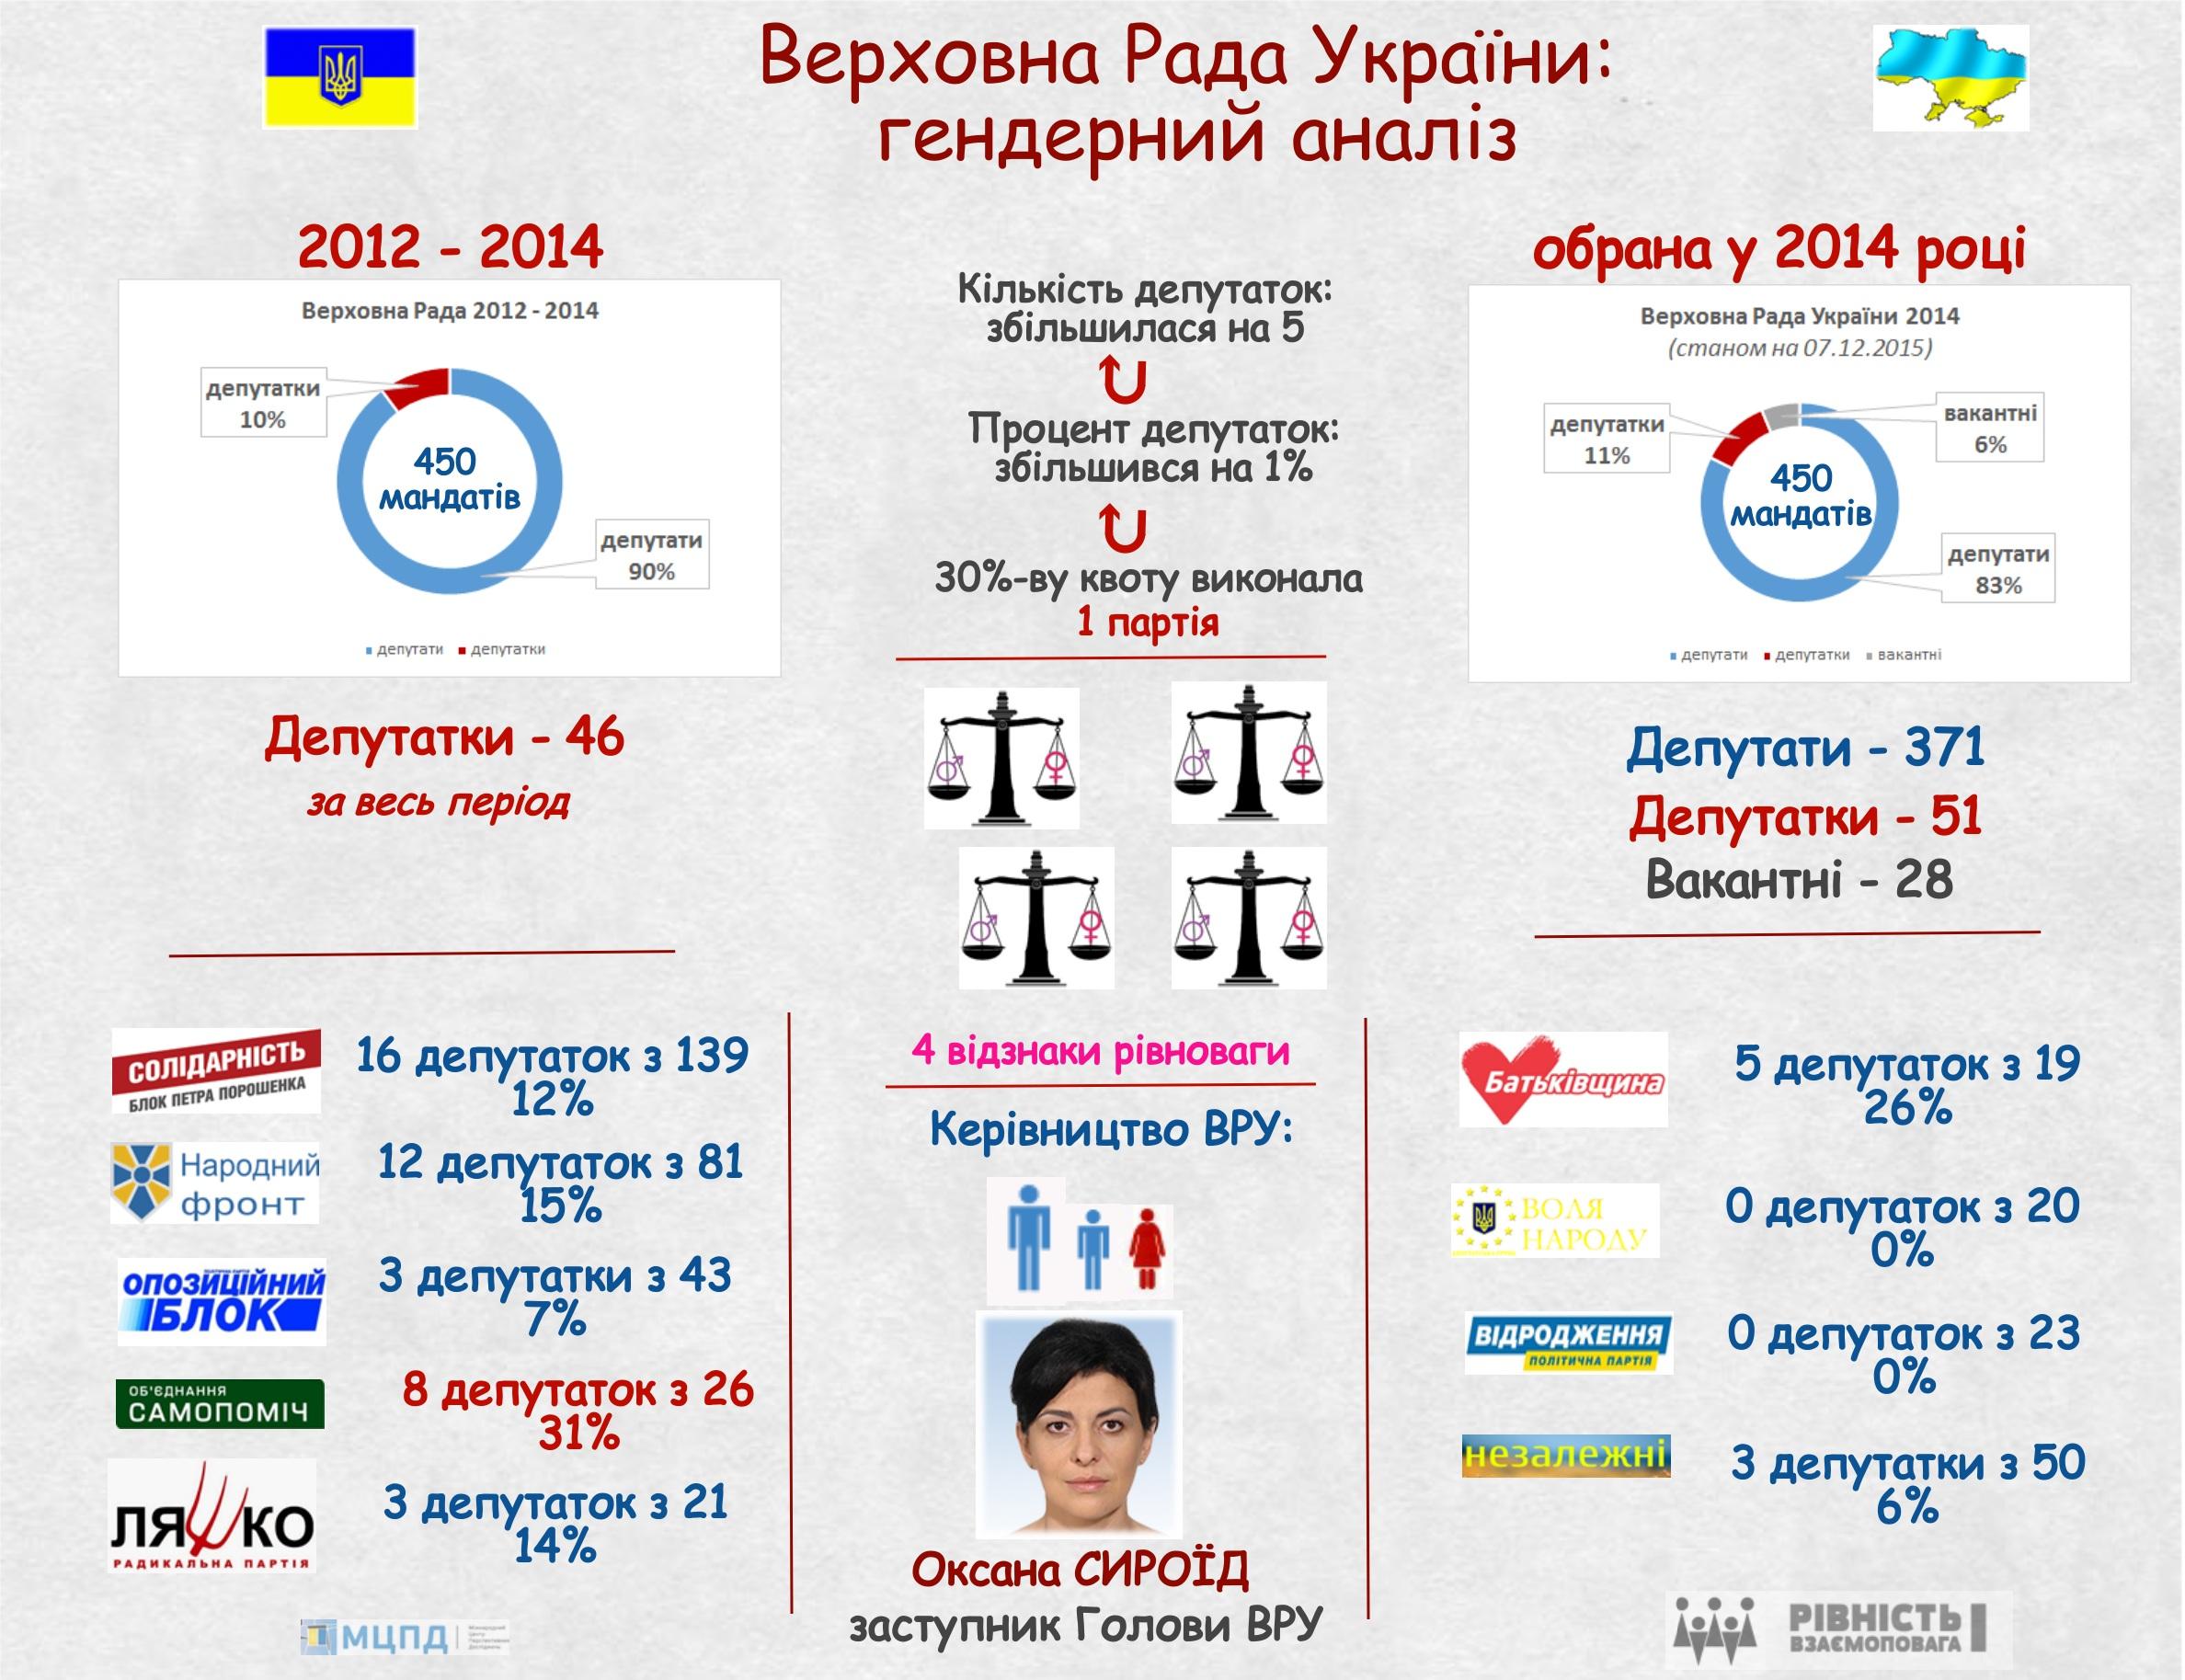 parliamentofukraine